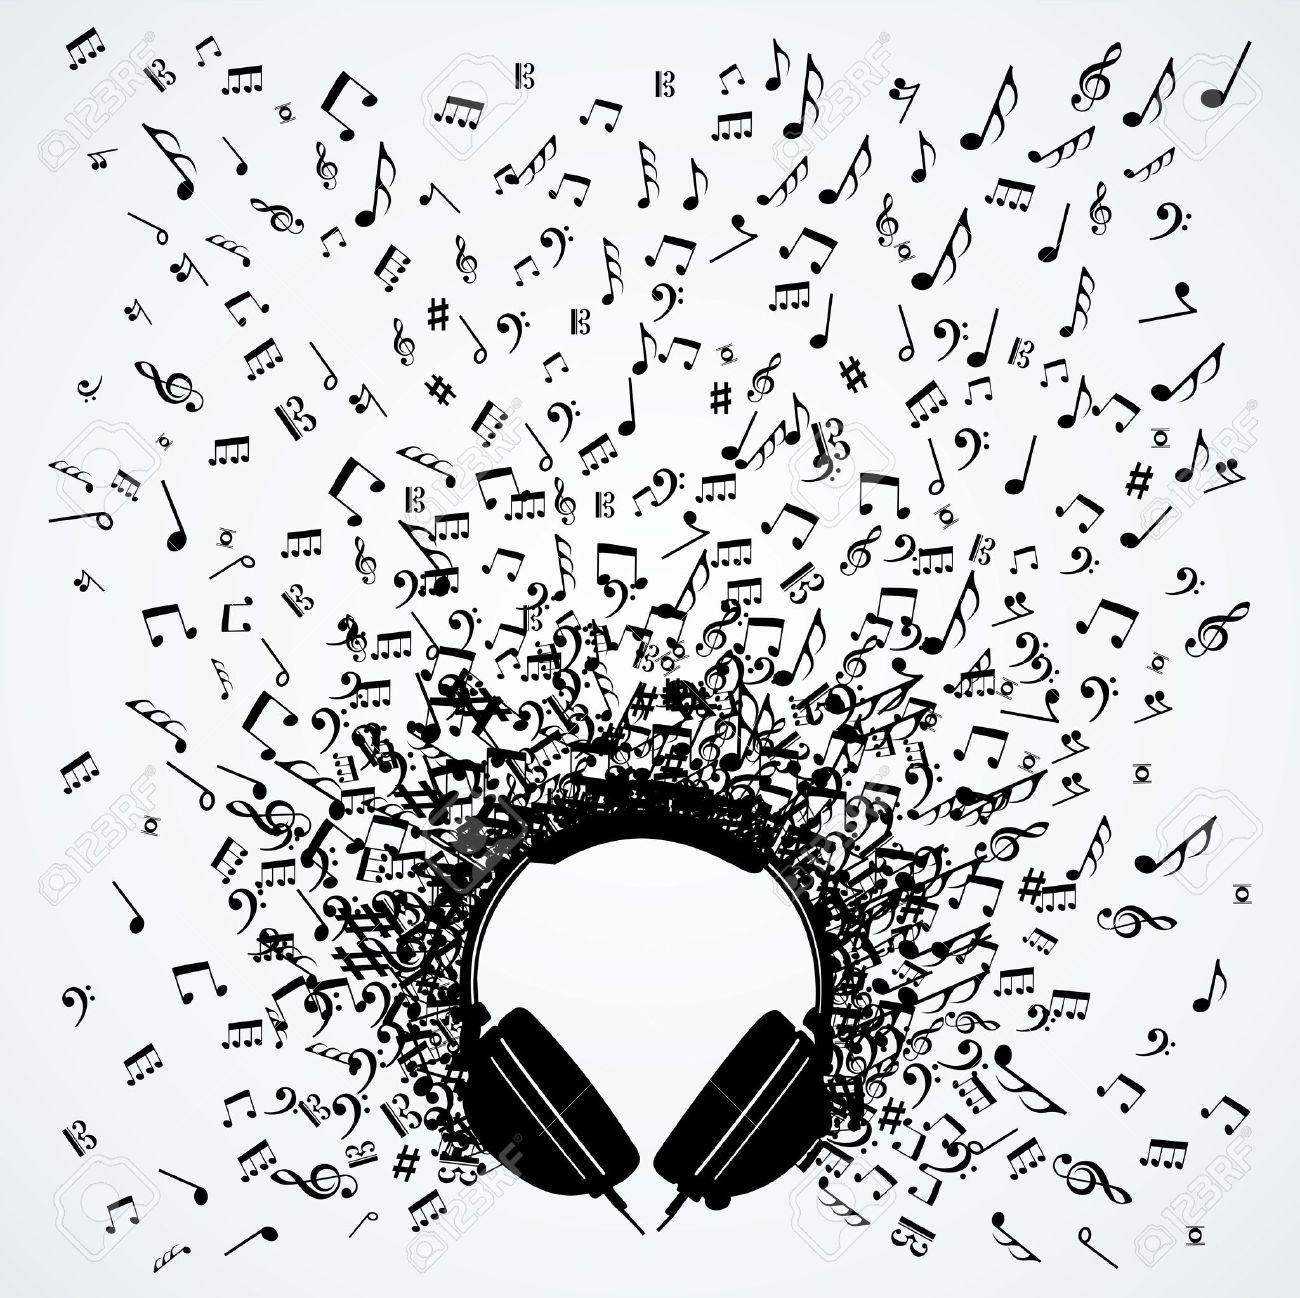 Dj headphones random music notes splash illustration. Stock Vector - 21280335